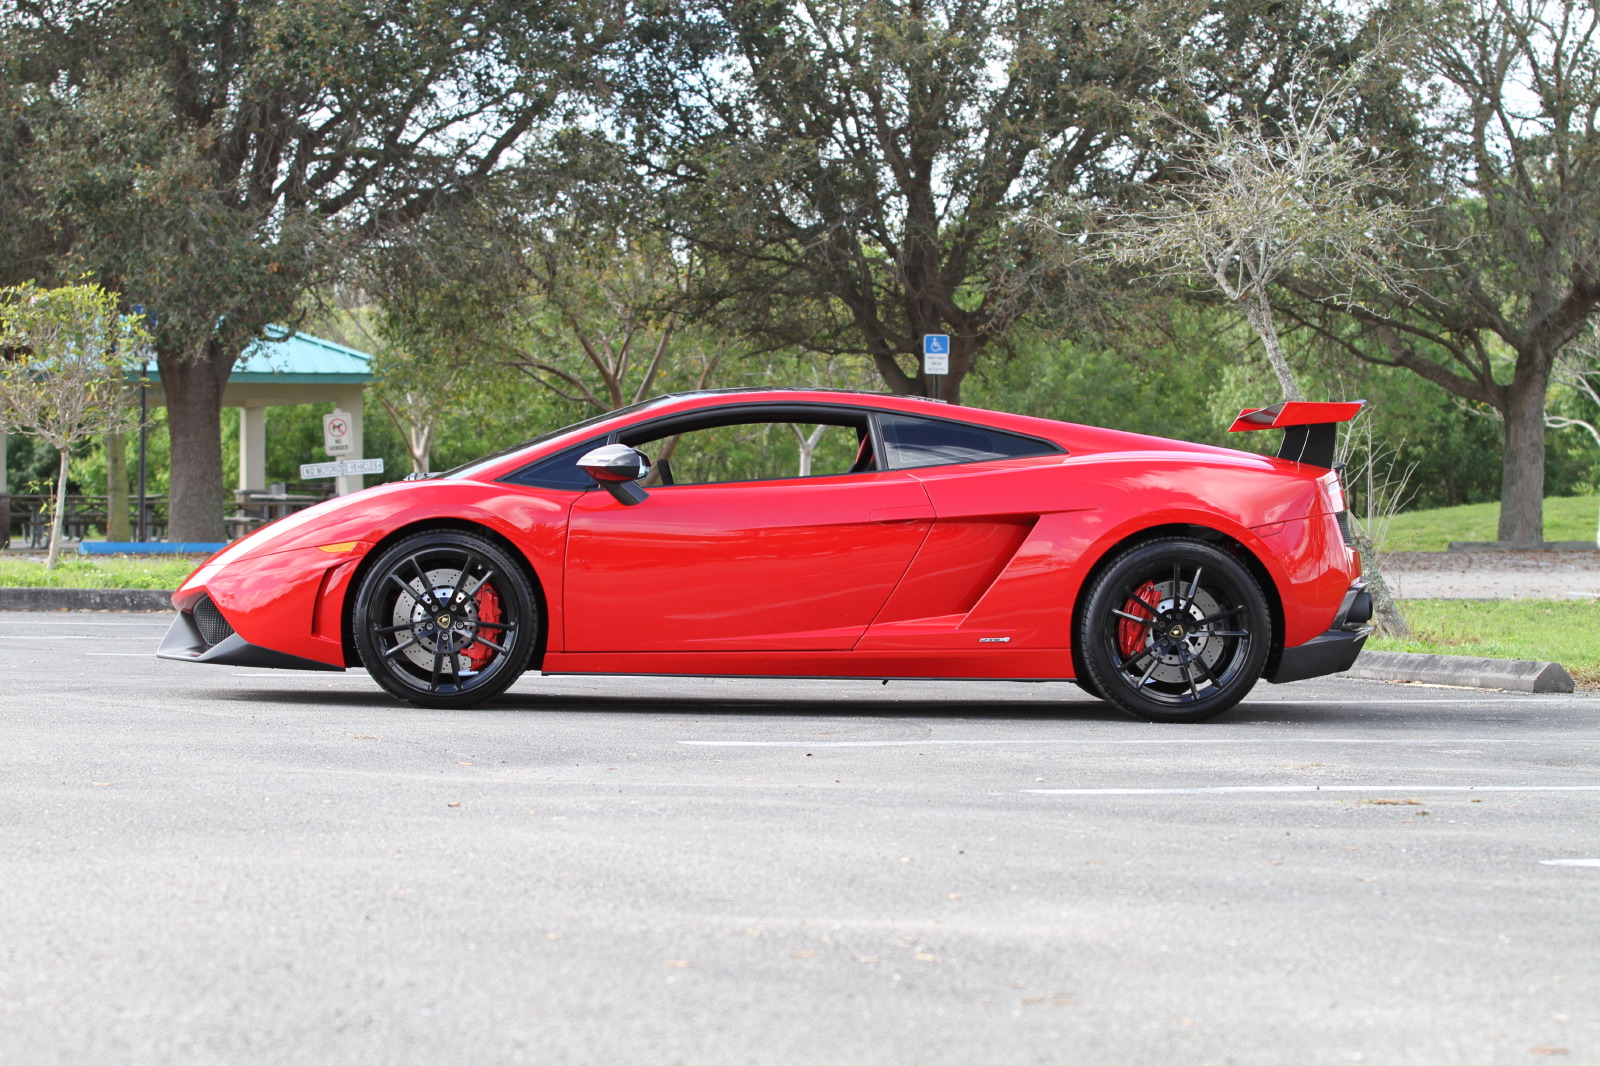 2012-lamborghini-lp570-4-super-trofeo-stradale-rosso-mars-007